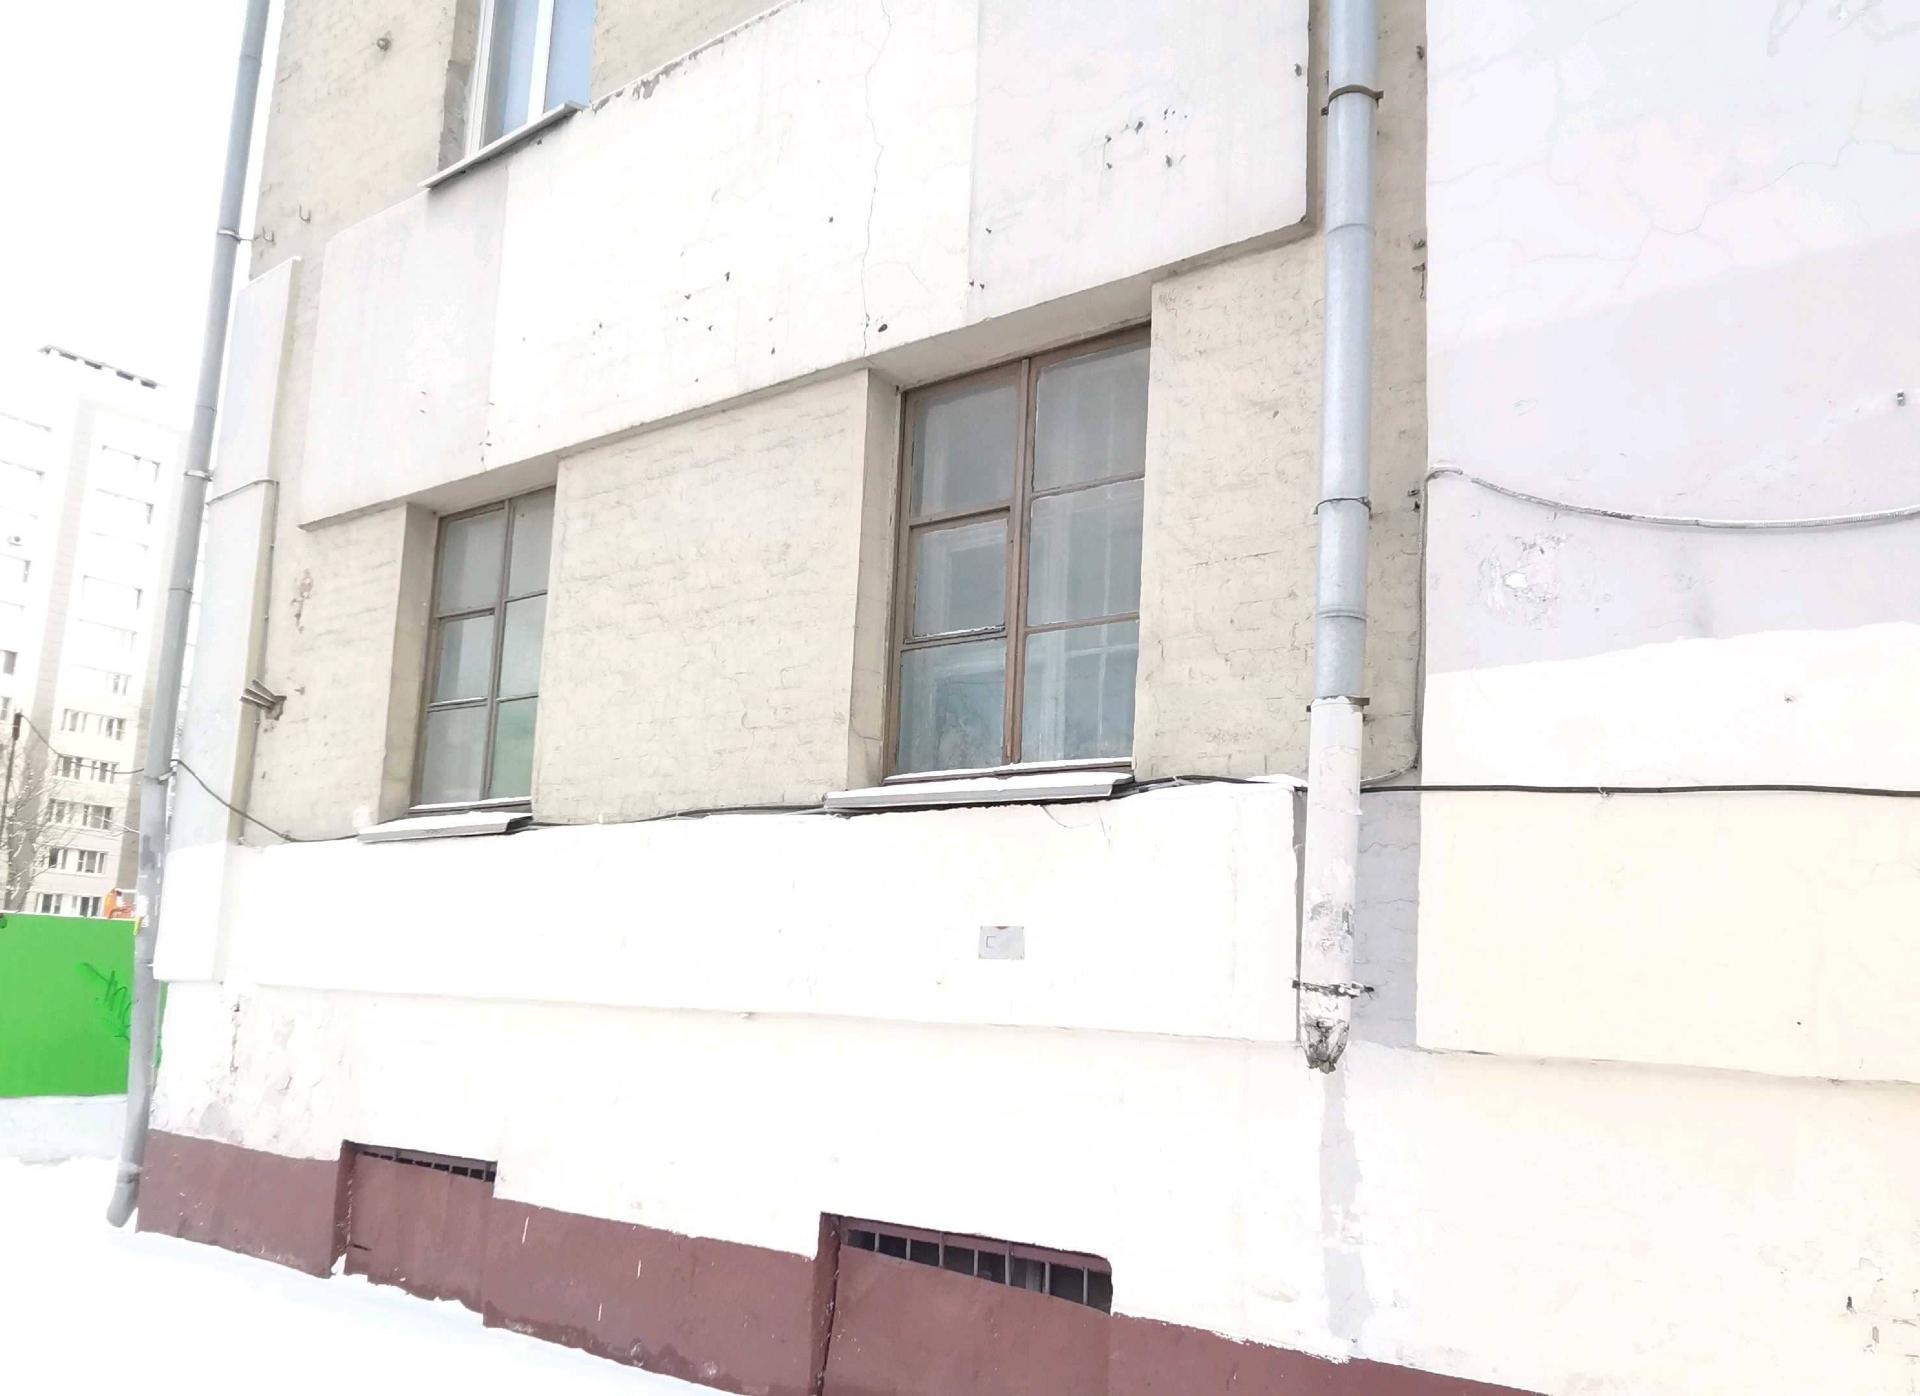 Дом № 58, строение 1 по Бакунинской улице